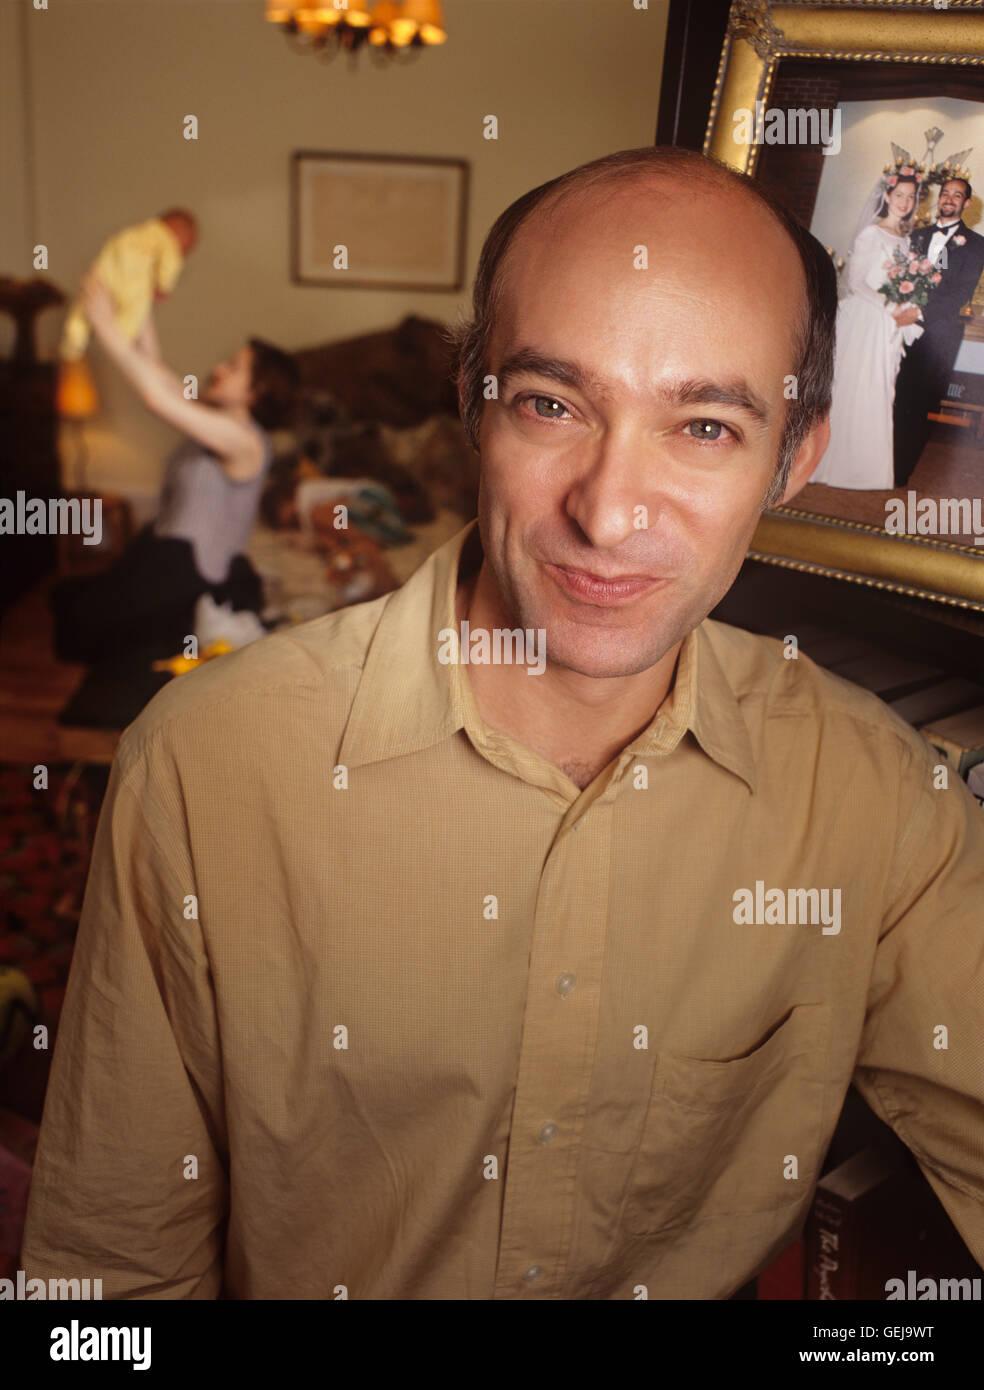 Un padre feliz en su casa con la familia en el fondo Imagen De Stock